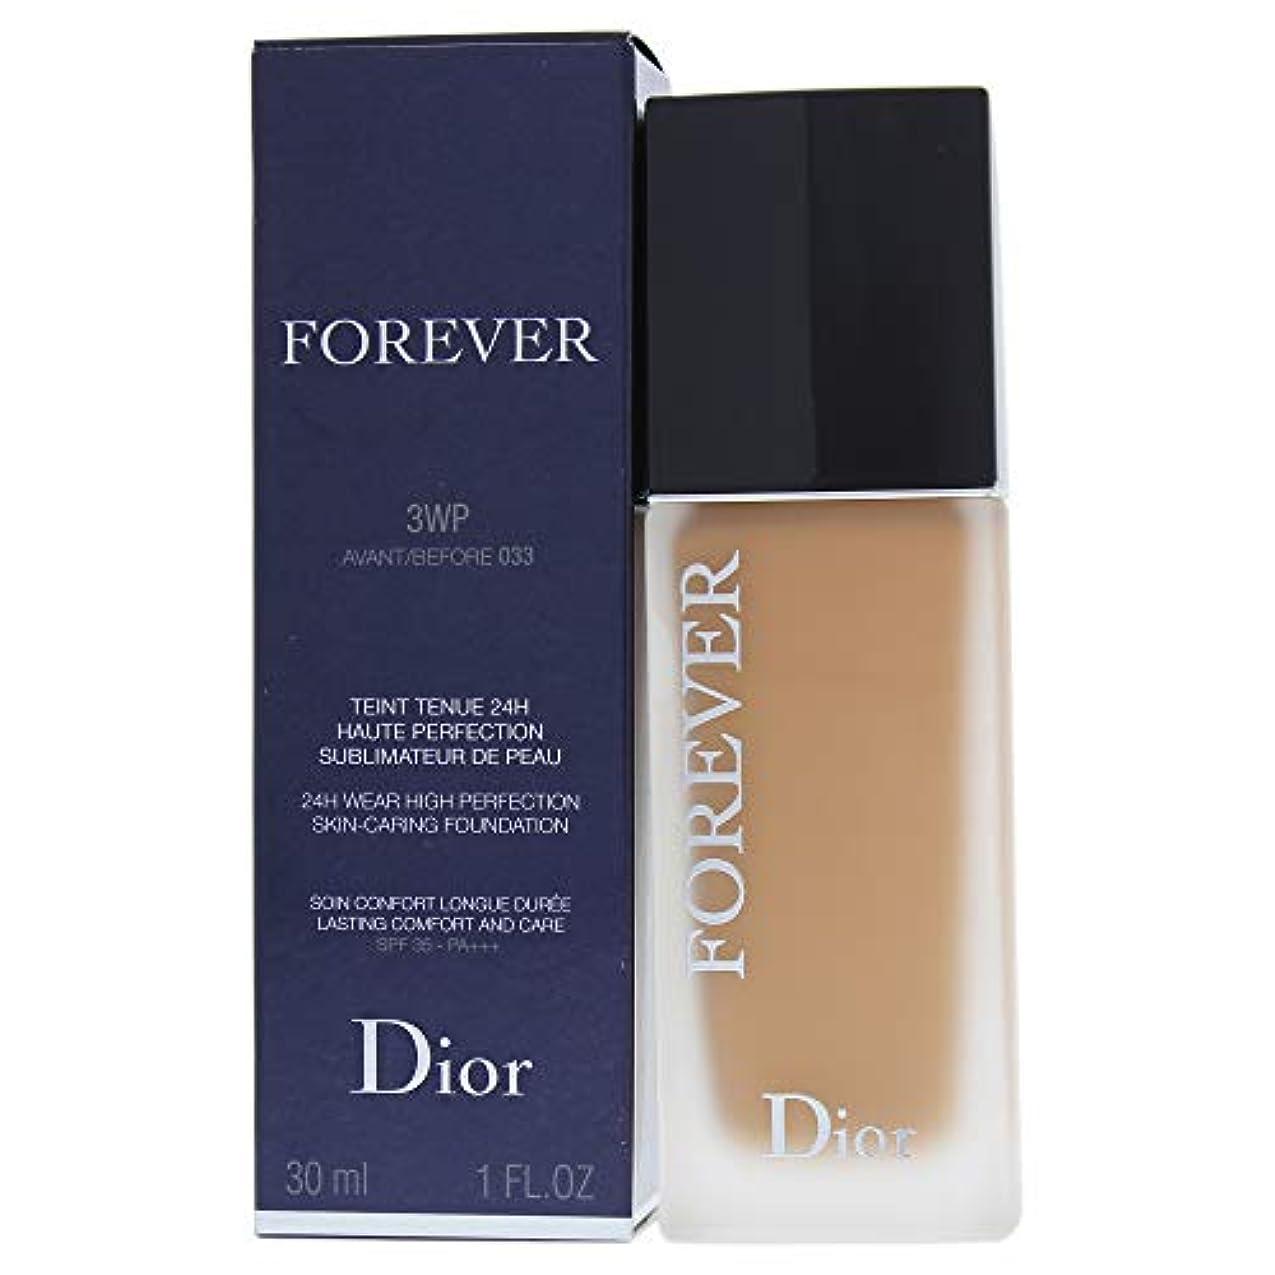 こねるカンガルー公演クリスチャンディオール Dior Forever 24H Wear High Perfection Foundation SPF 35 - # 3WP (Warm Peach) 30ml/1oz並行輸入品